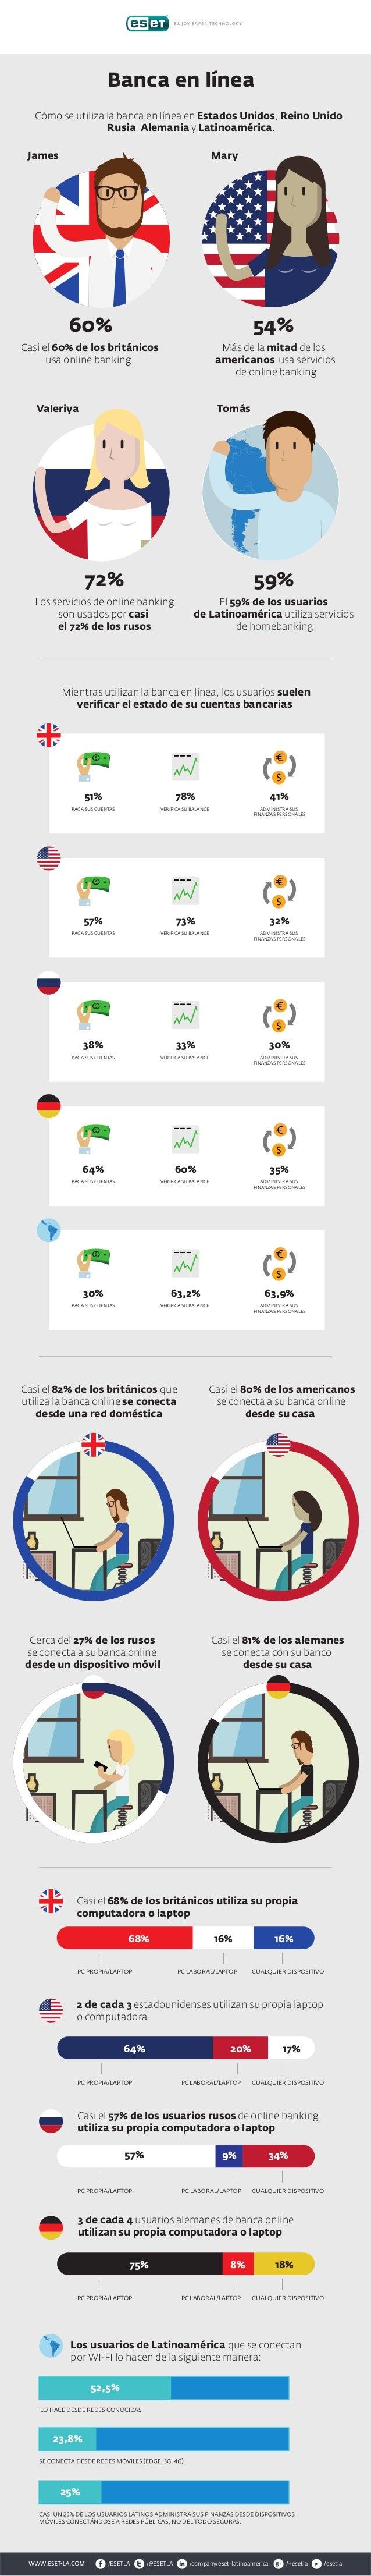 Cómo se utiliza la banca en línea en Estados Unidos, Reino Unido, Rusia, Alemania y Latinoamérica. Banca en línea James Ca...